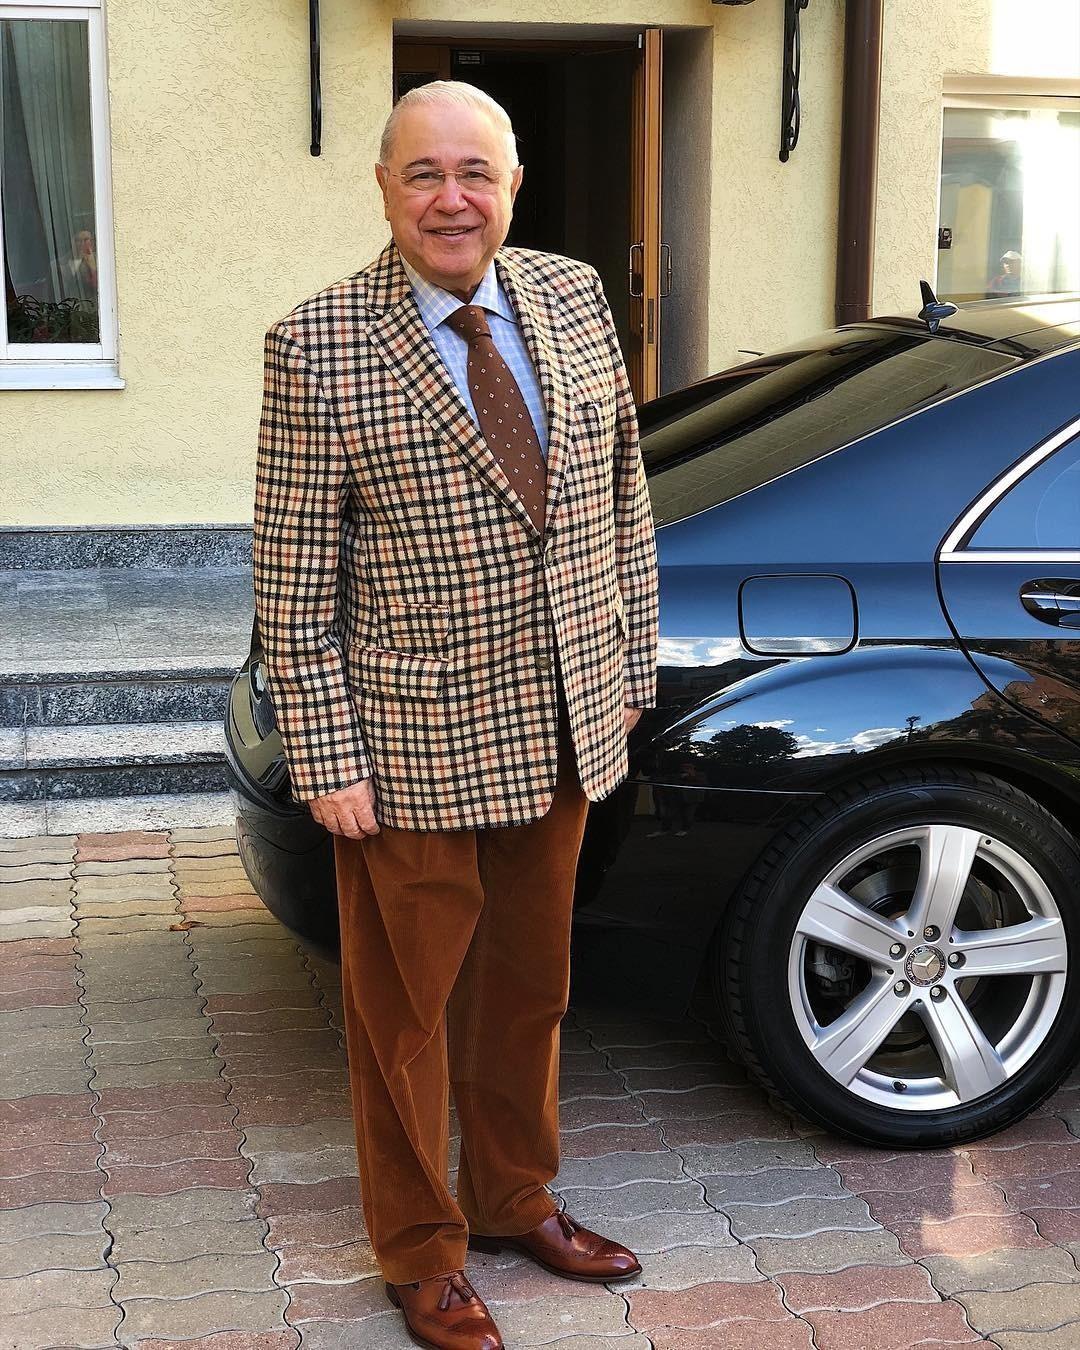 Вельветовые брюки охрового цвета - один излюбимых предметов гардероба Евгения Петросяна. Обрати внимание, как гармонично они смотрятся вабсолютно разных образах. Главное - правильно их...